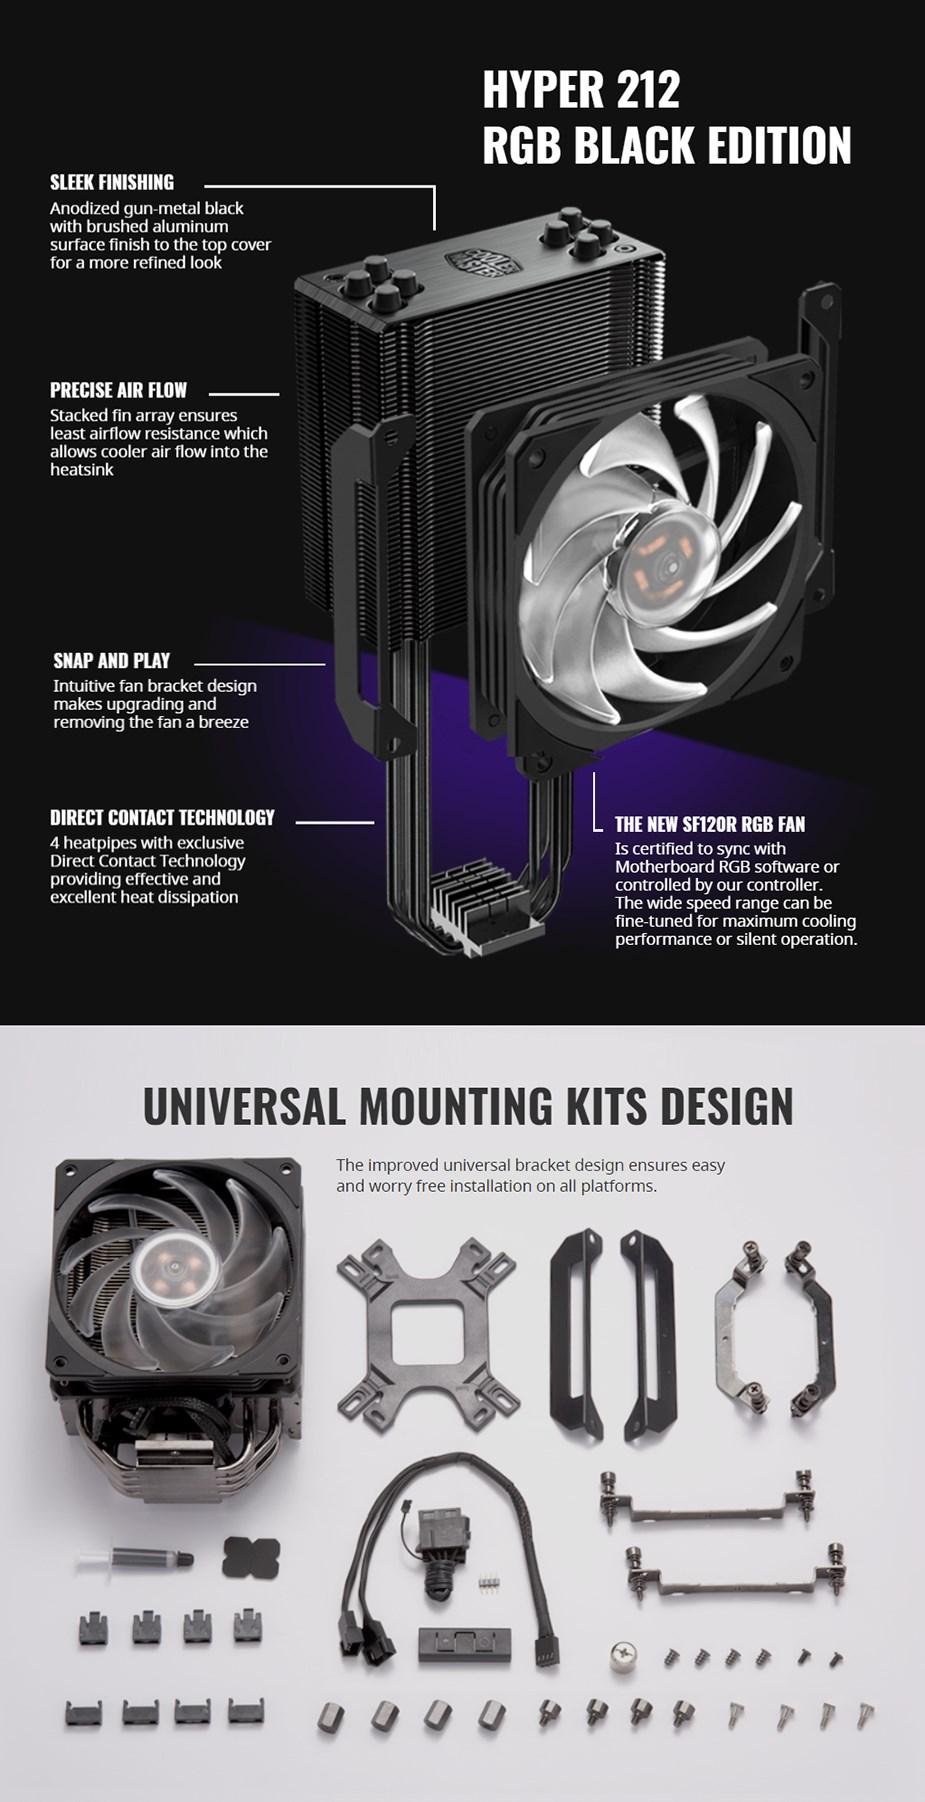 Cooler Master Hyper 212 RGB CPU Cooler - Black Edition - Desktop Overview 2